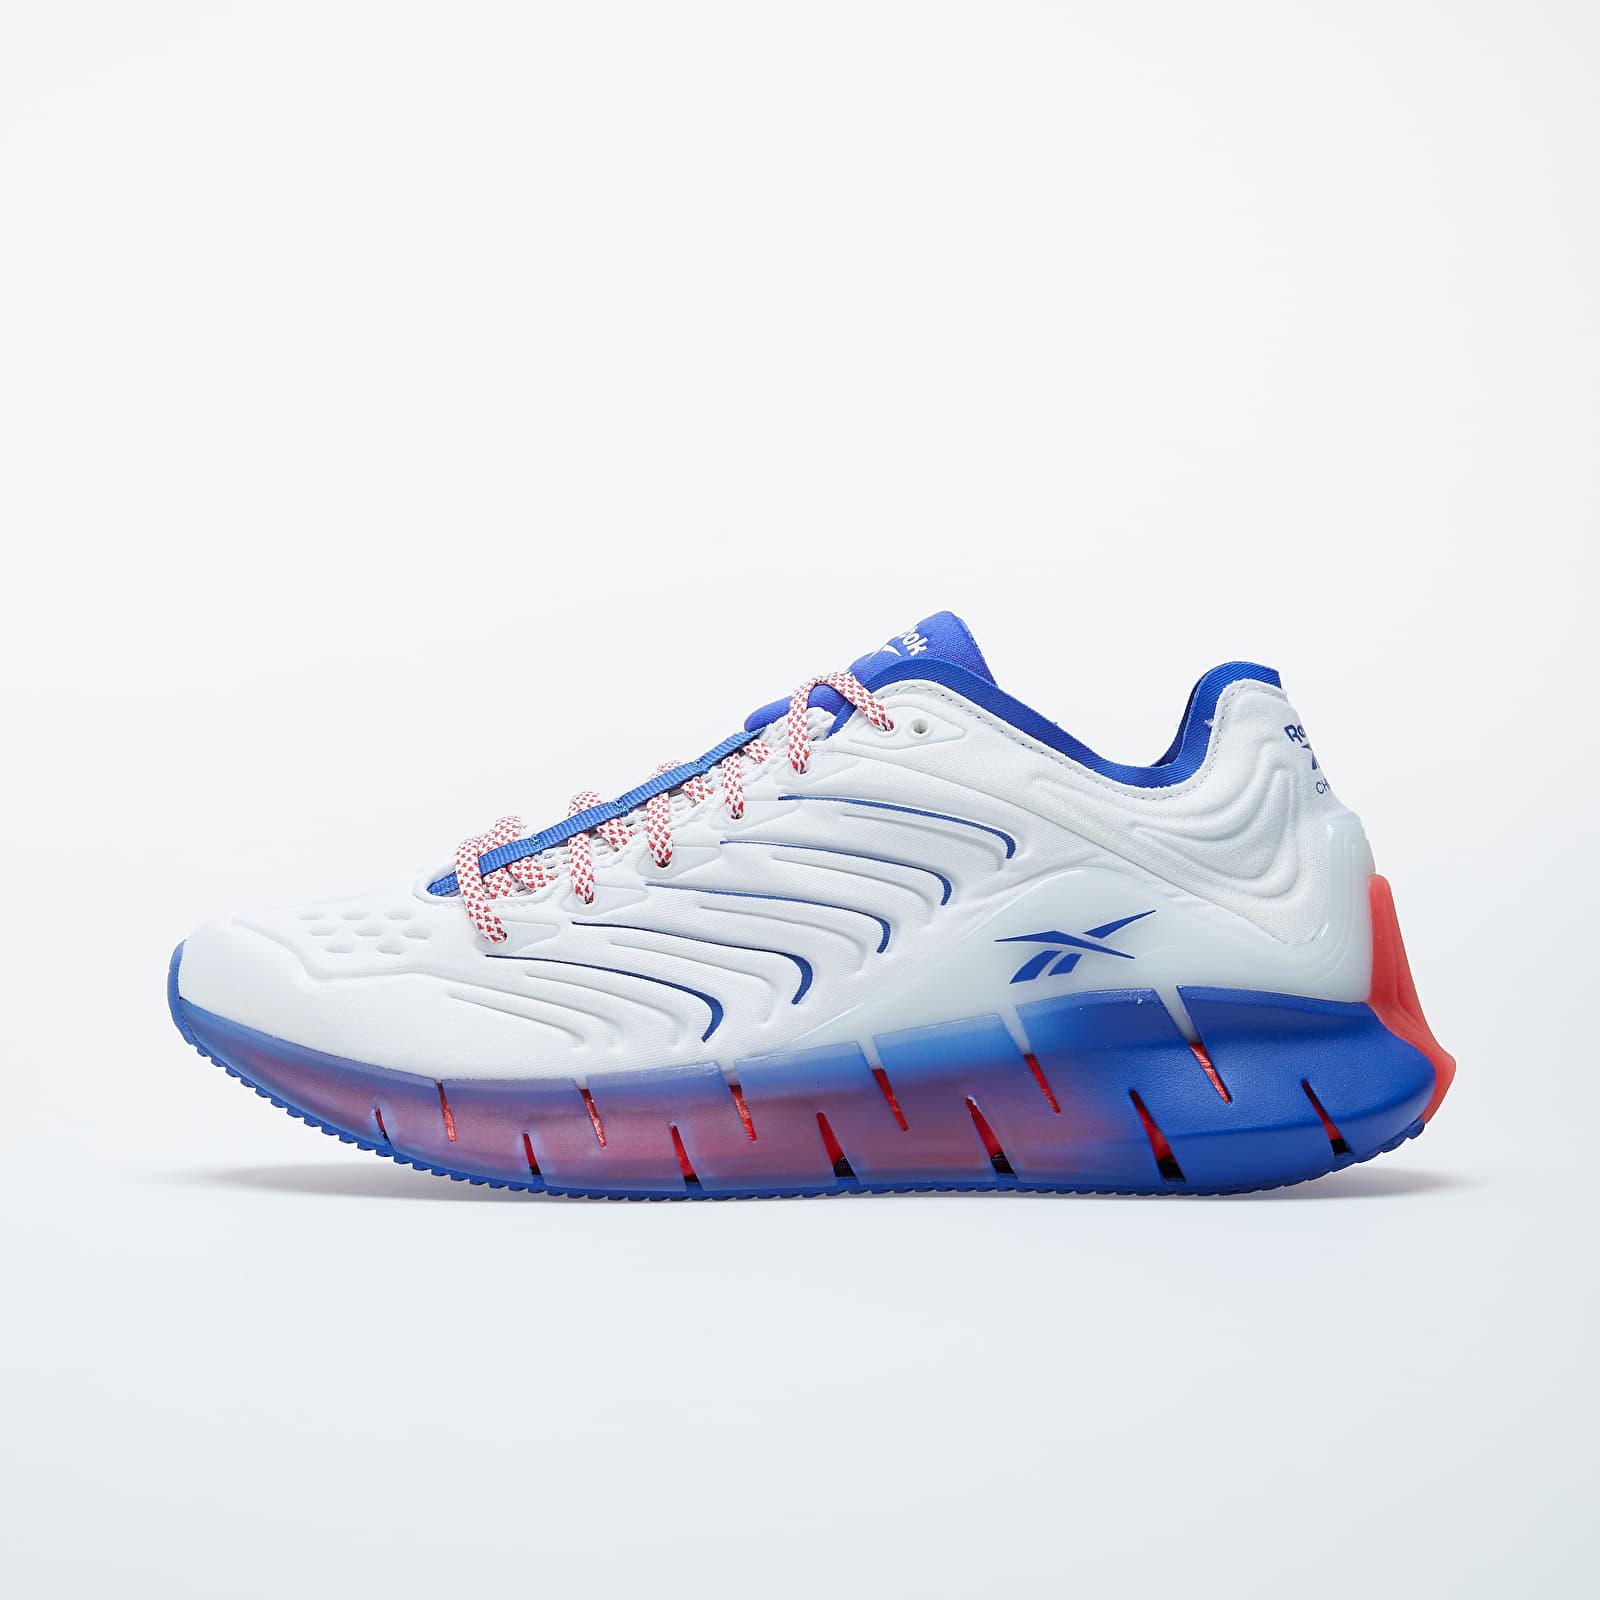 Încălțăminte și sneakerși pentru bărbați Reebok Zig Kinetica White/ Active Blue/ Radiate Red